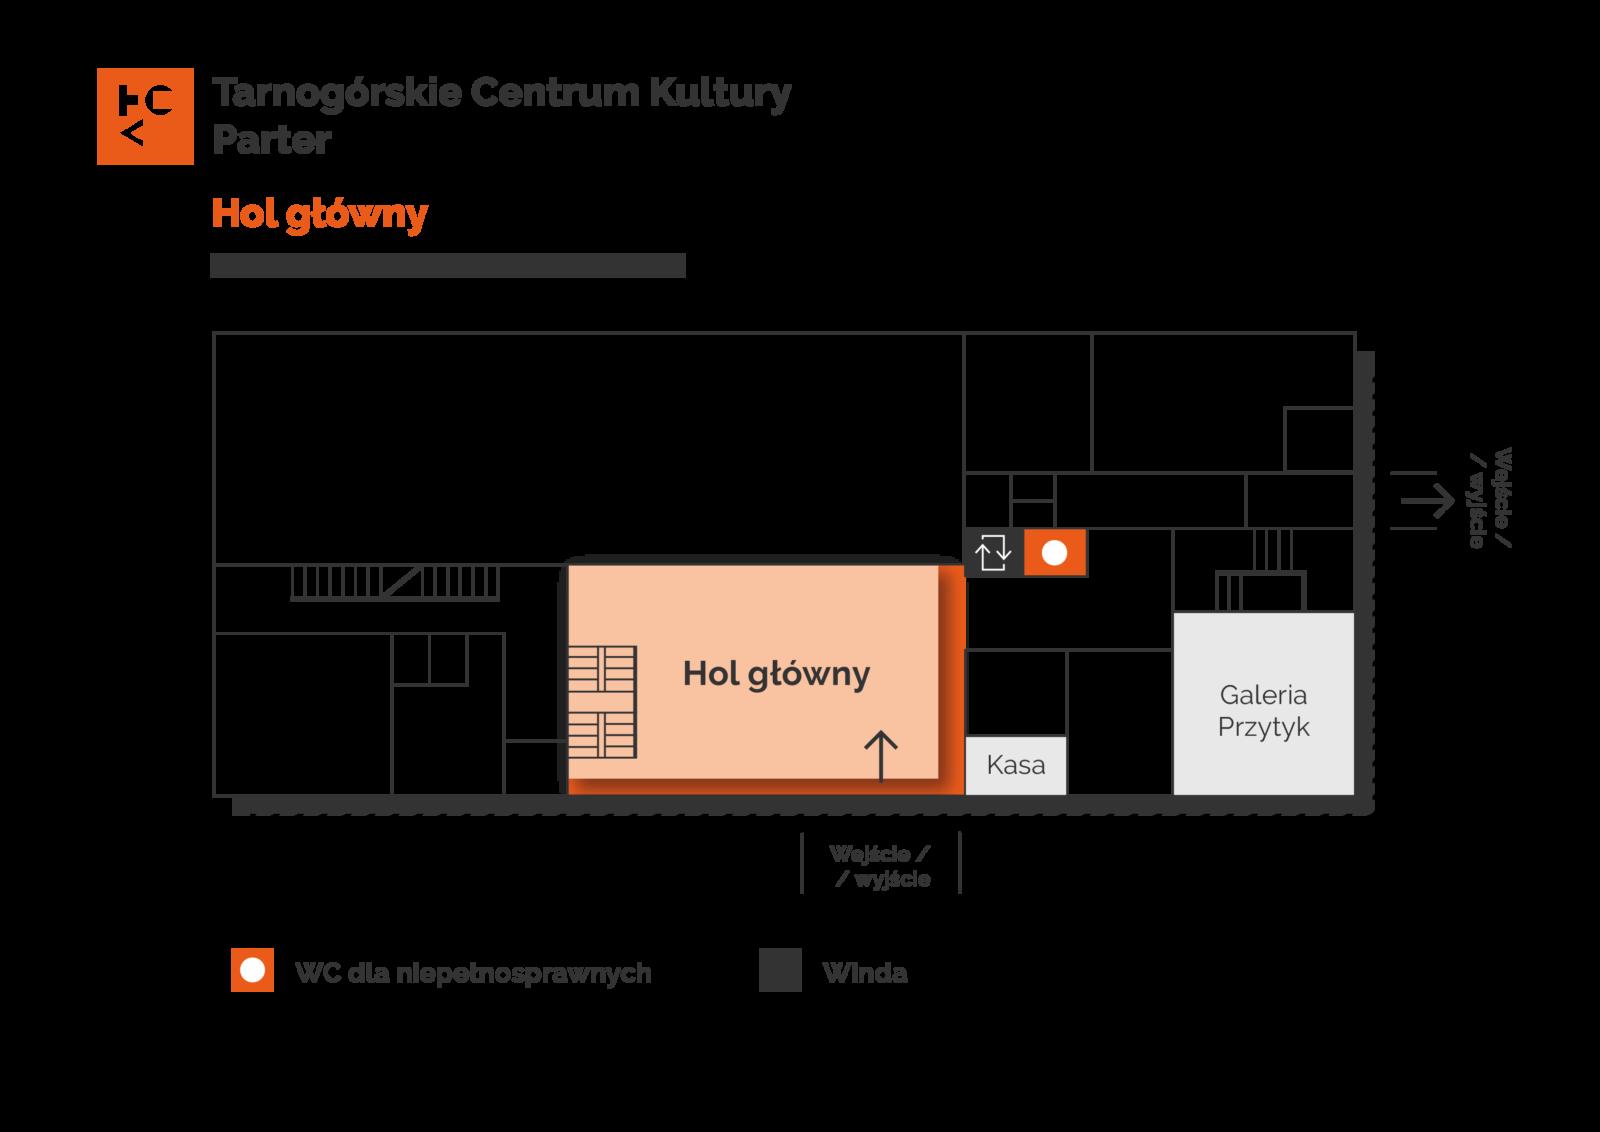 Grafika przedstawia plan parteru budynku TCK z zaznaczeniem holu głównego